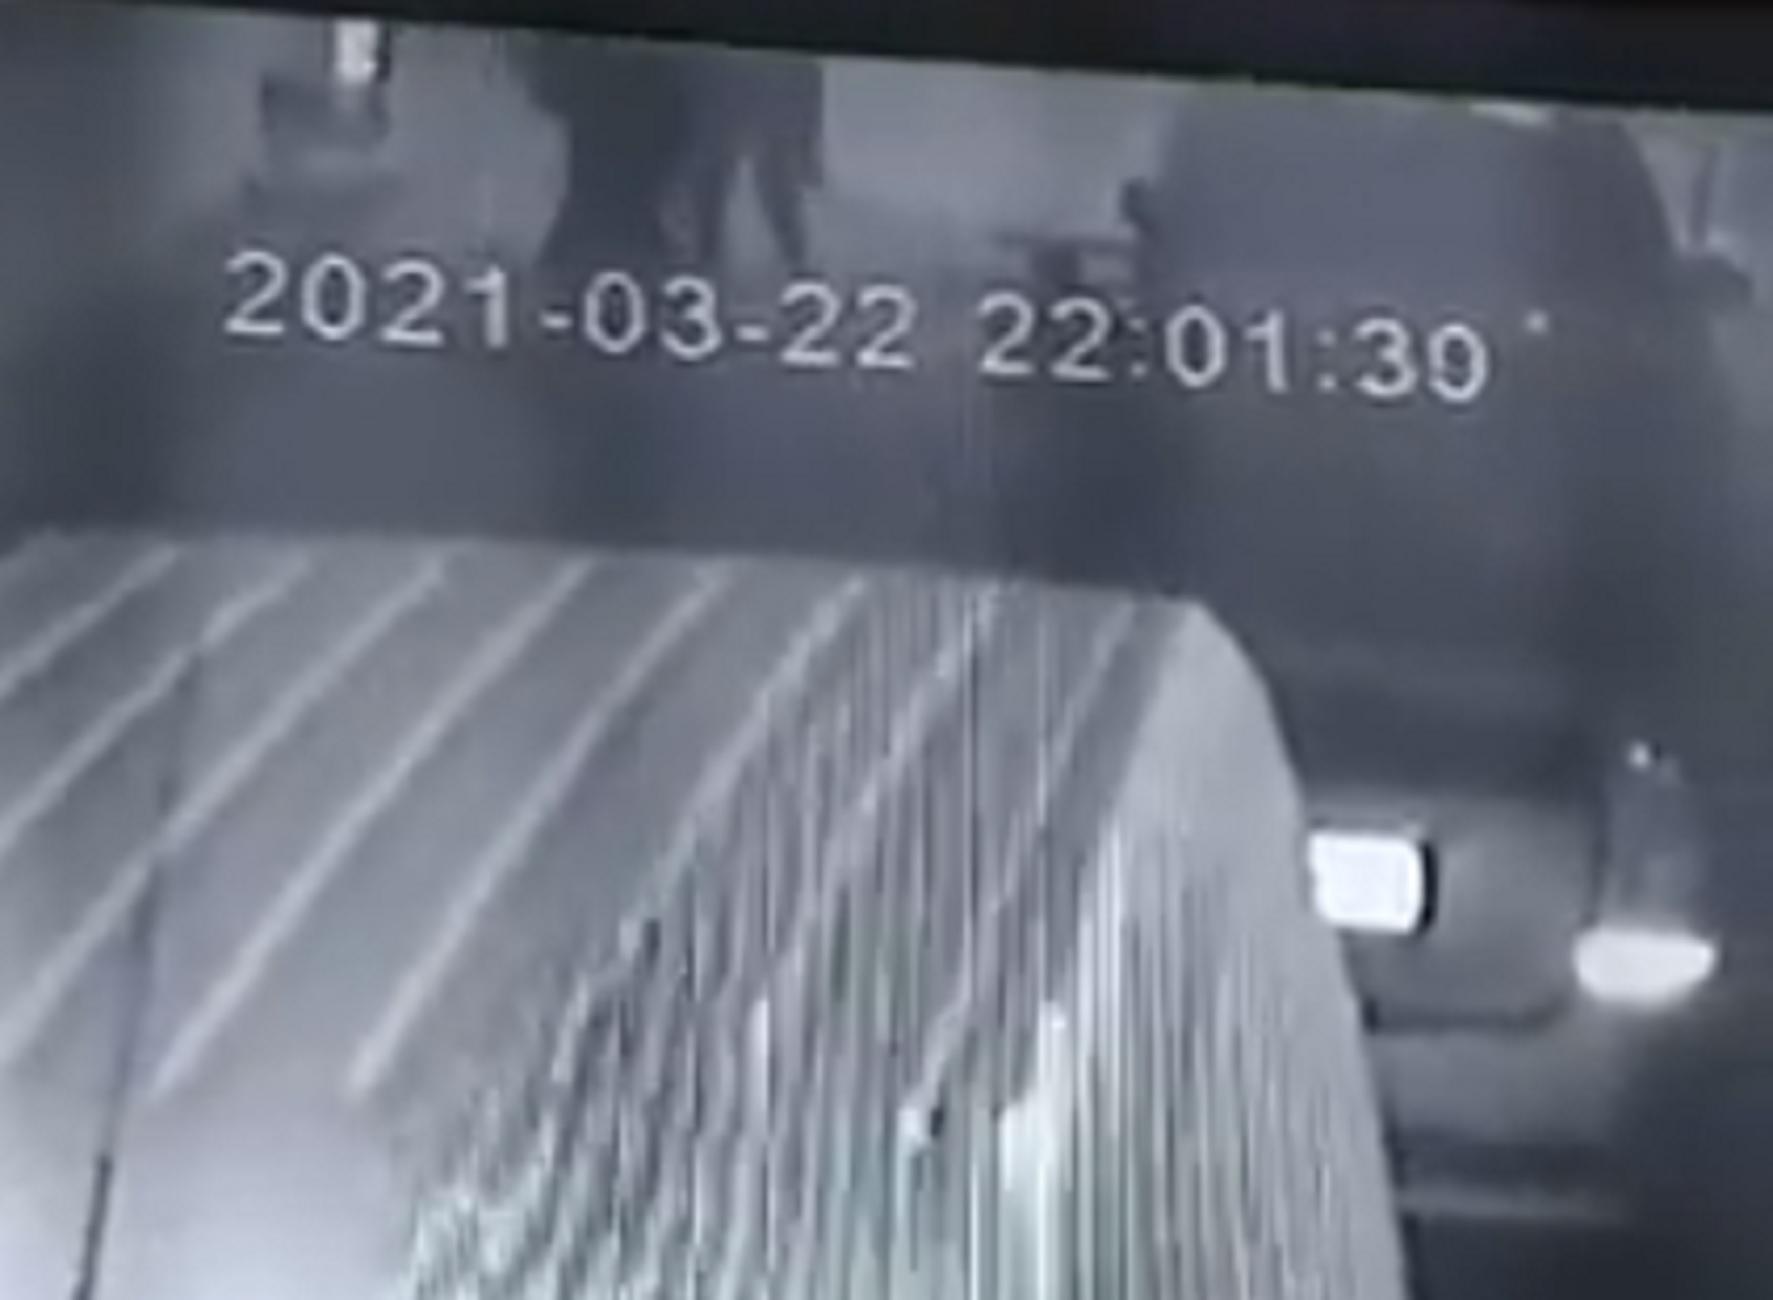 Πάτρα: Βίντεο ντοκουμέντο με την απόπειρα διάρρηξης αυτοκινήτου – Δείτε τις κινήσεις των δραστών